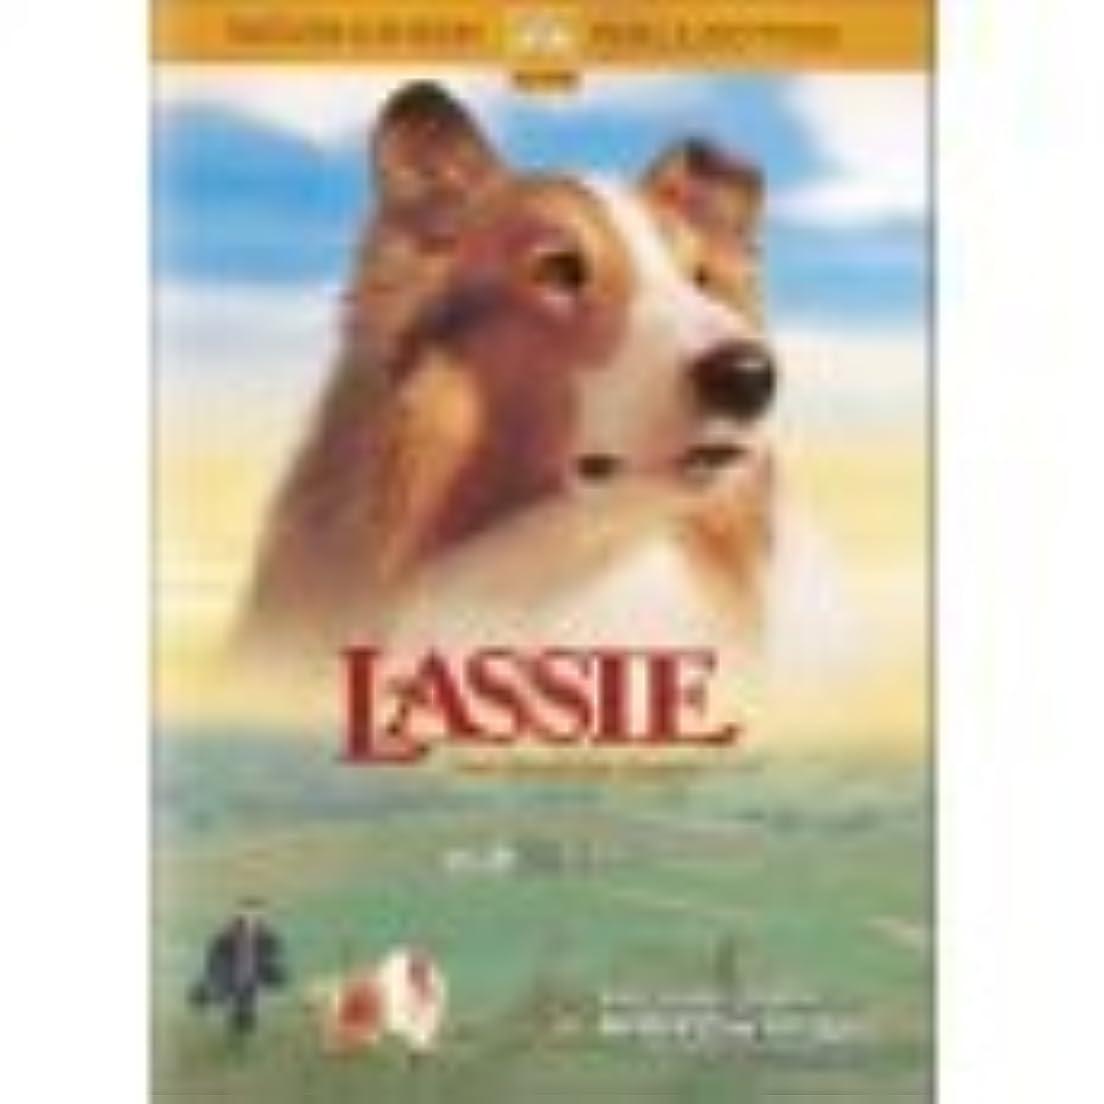 堀東ティモール柔らかい足Lassie-Dvd